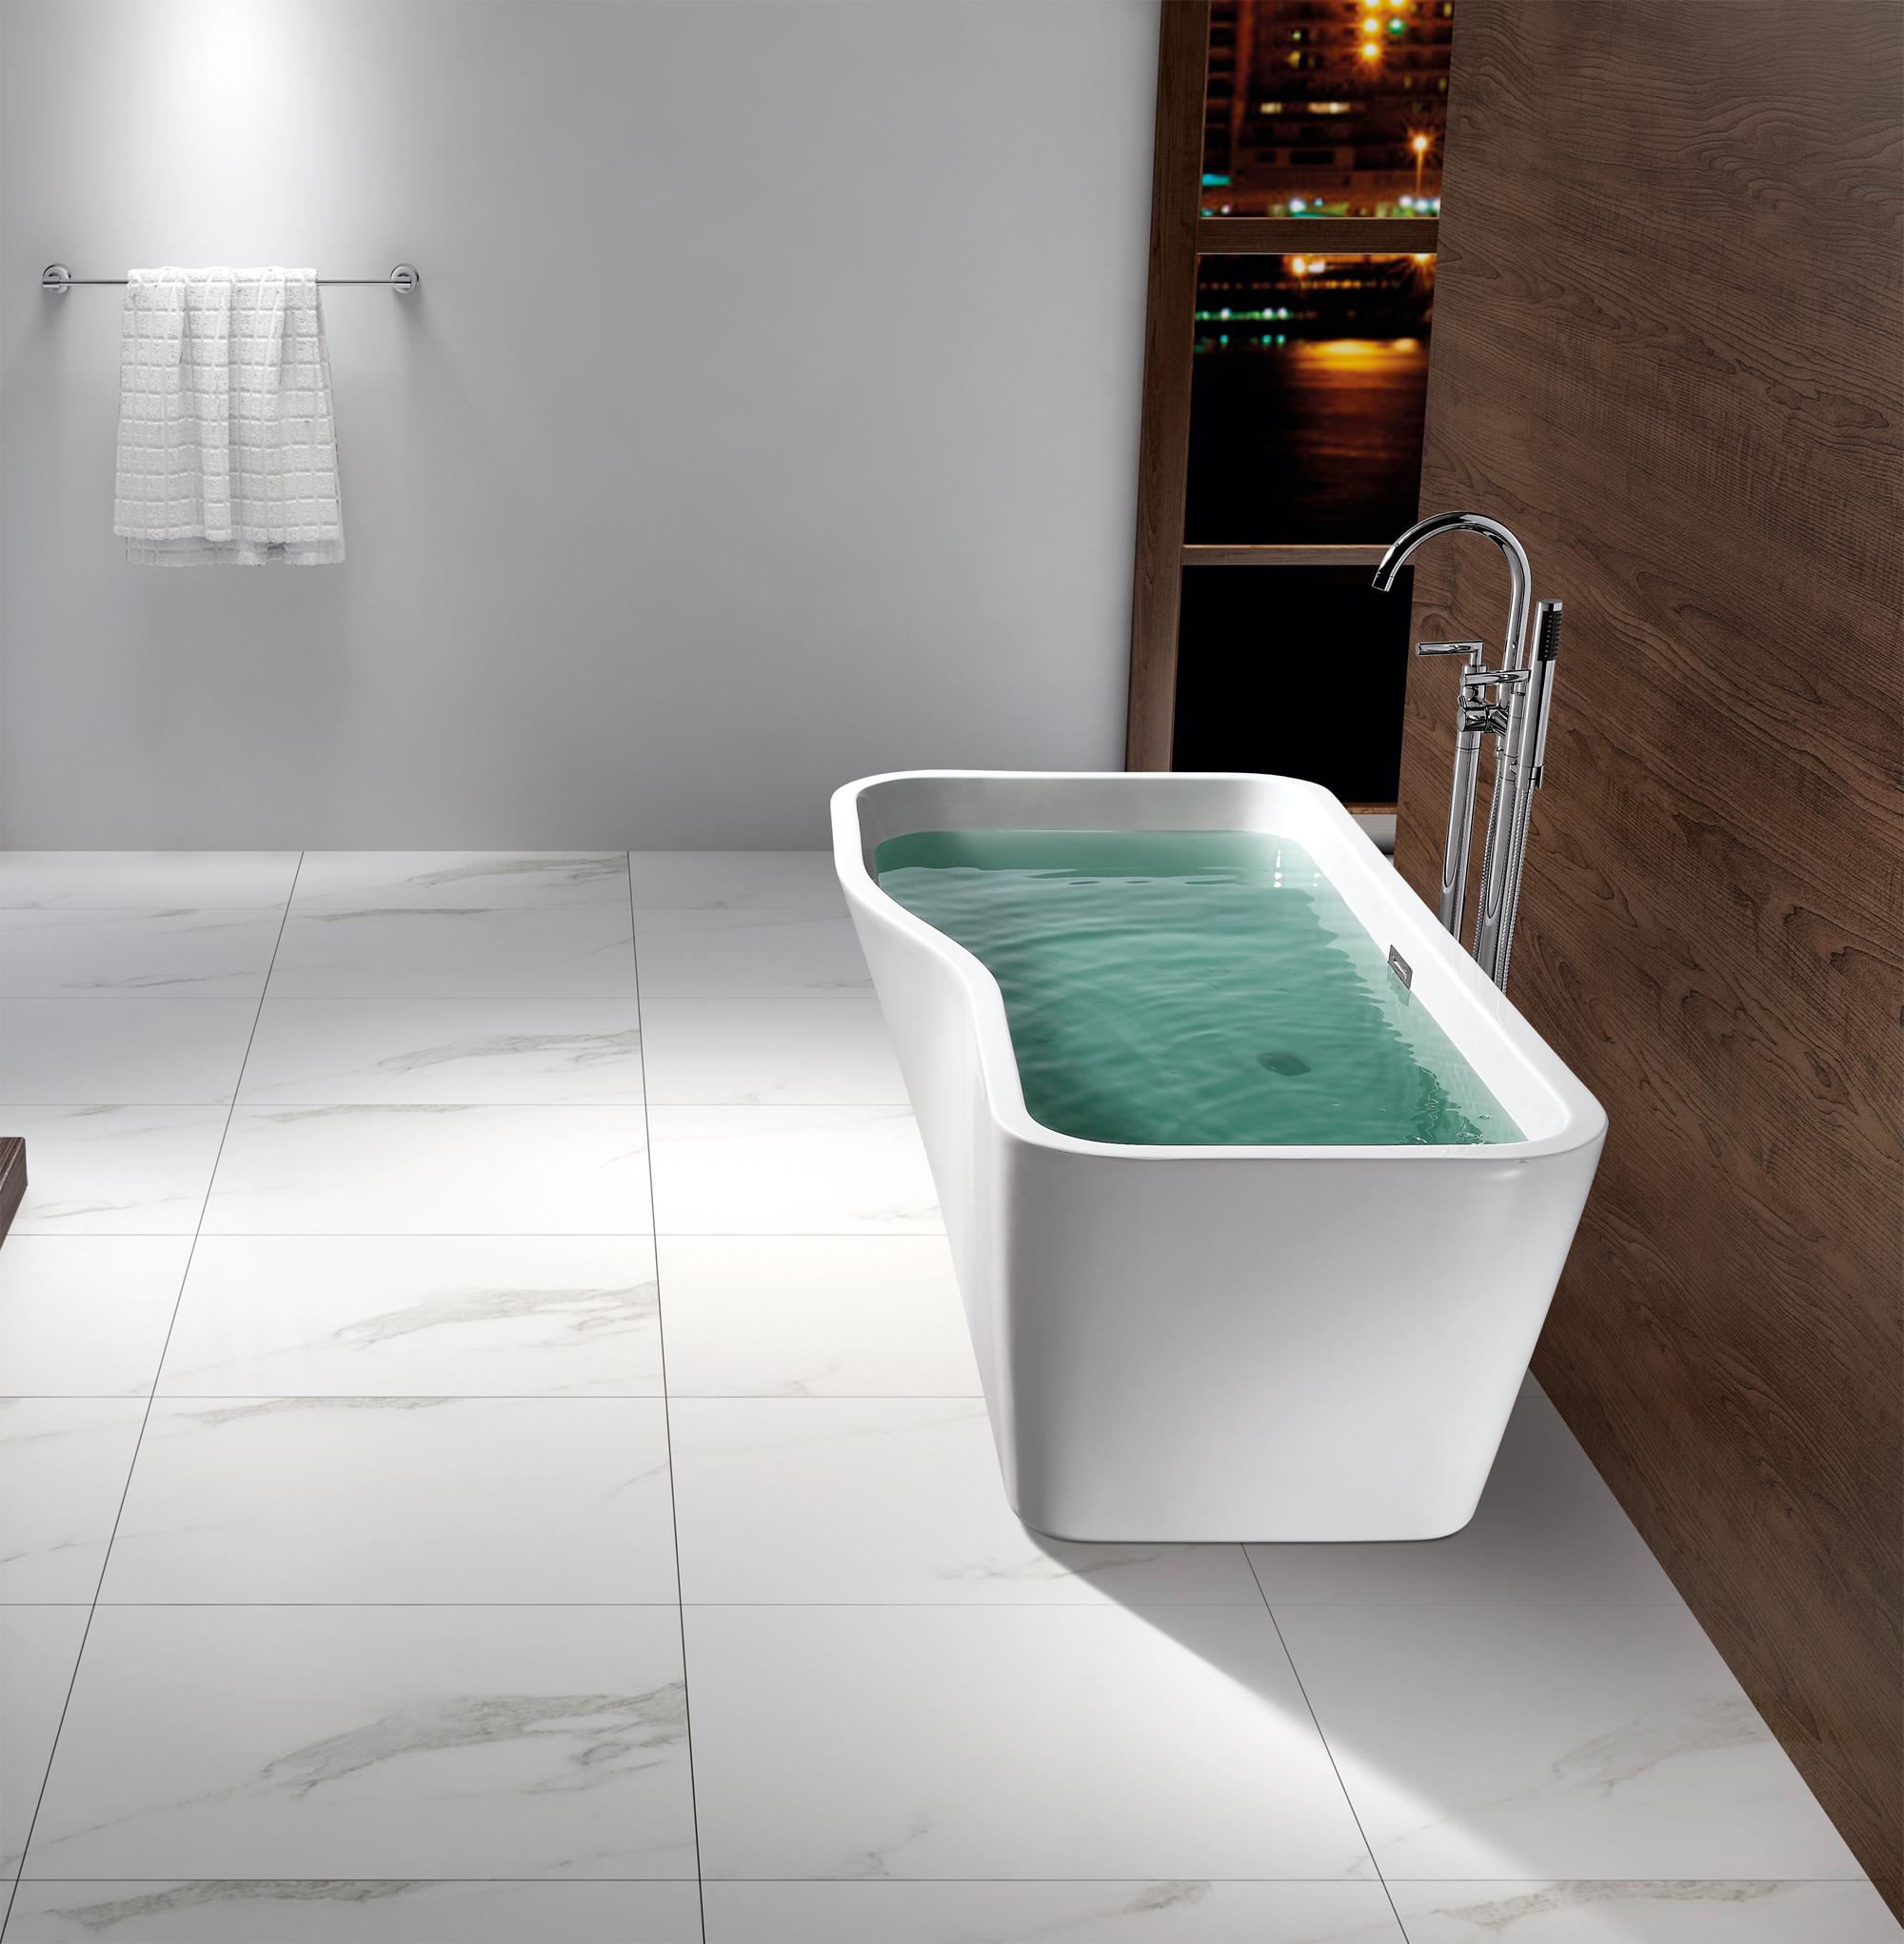 Vasca da bagno freestanding sylt rubinetti a scelta - Mi bagno troppo ...